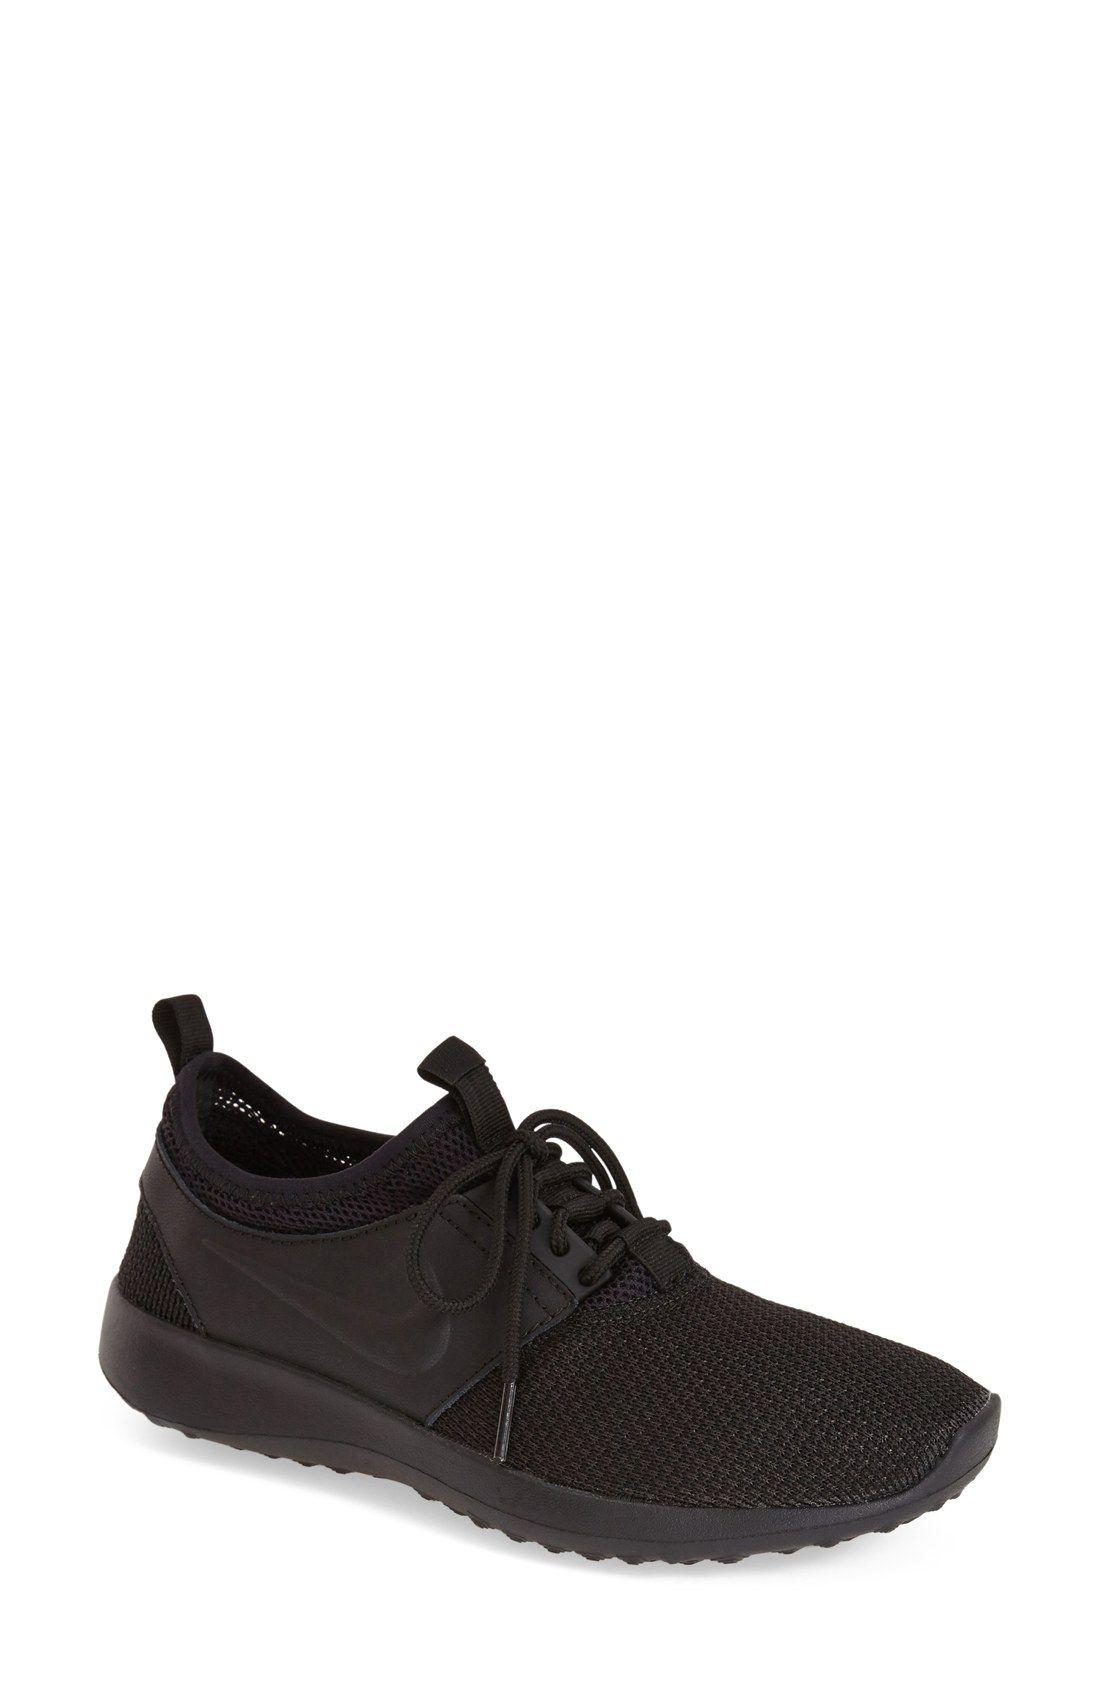 check out 463ad 25910 Nike  Juvenate TXT  Sneaker (Women)